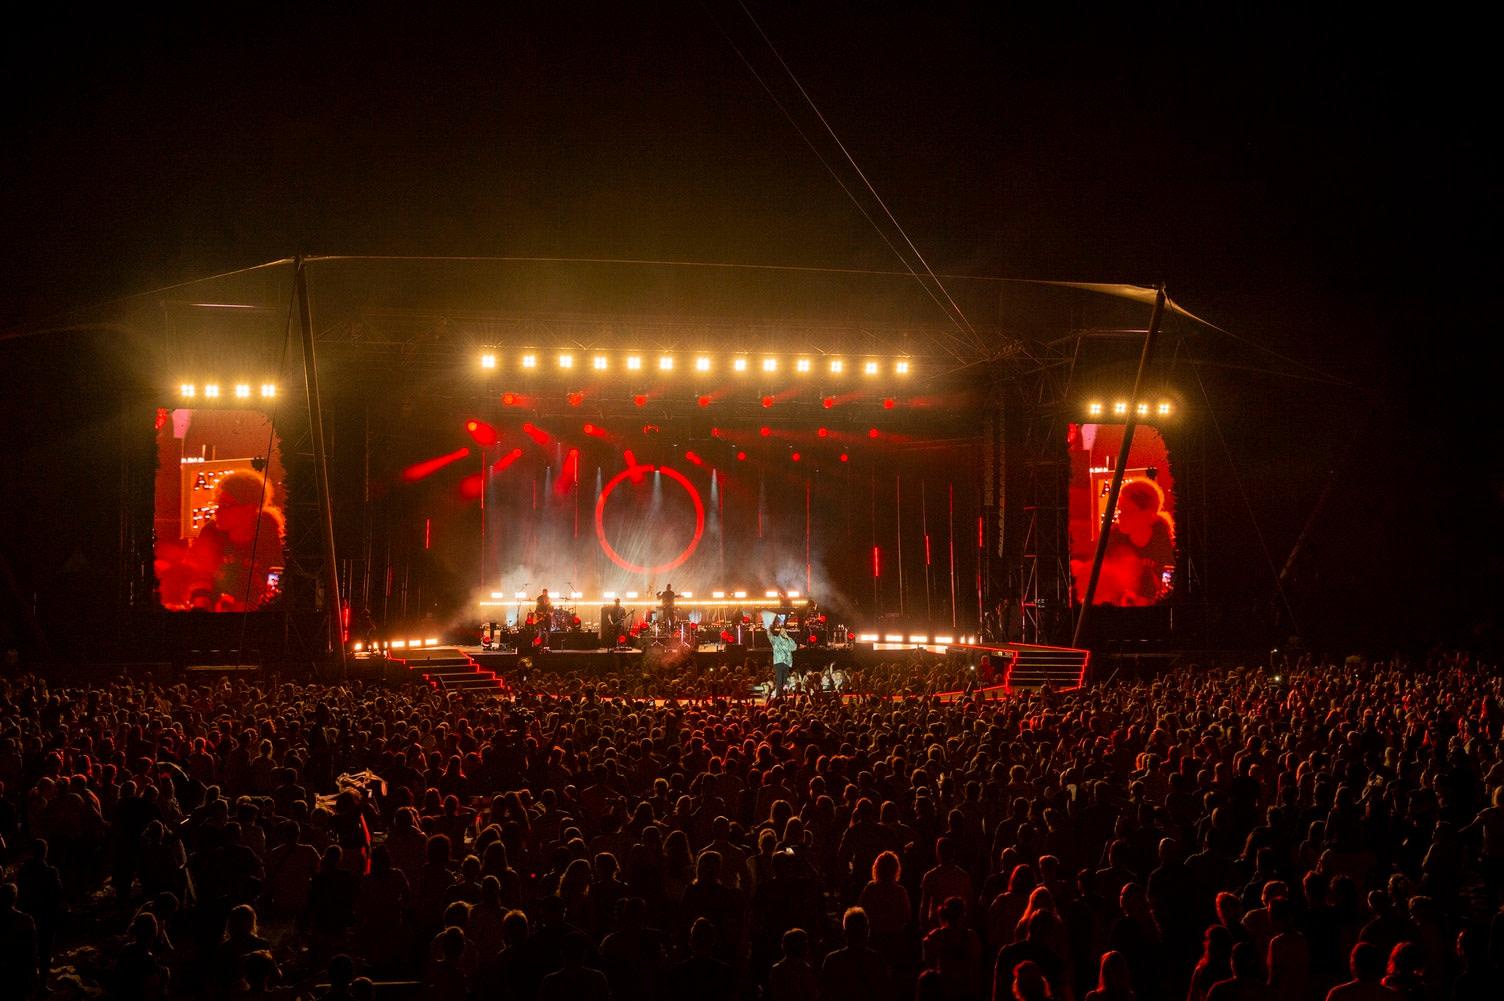 led wall screen skyled concert γιγαντοθόνη λεντ συναυλίες εκδηλώσεις